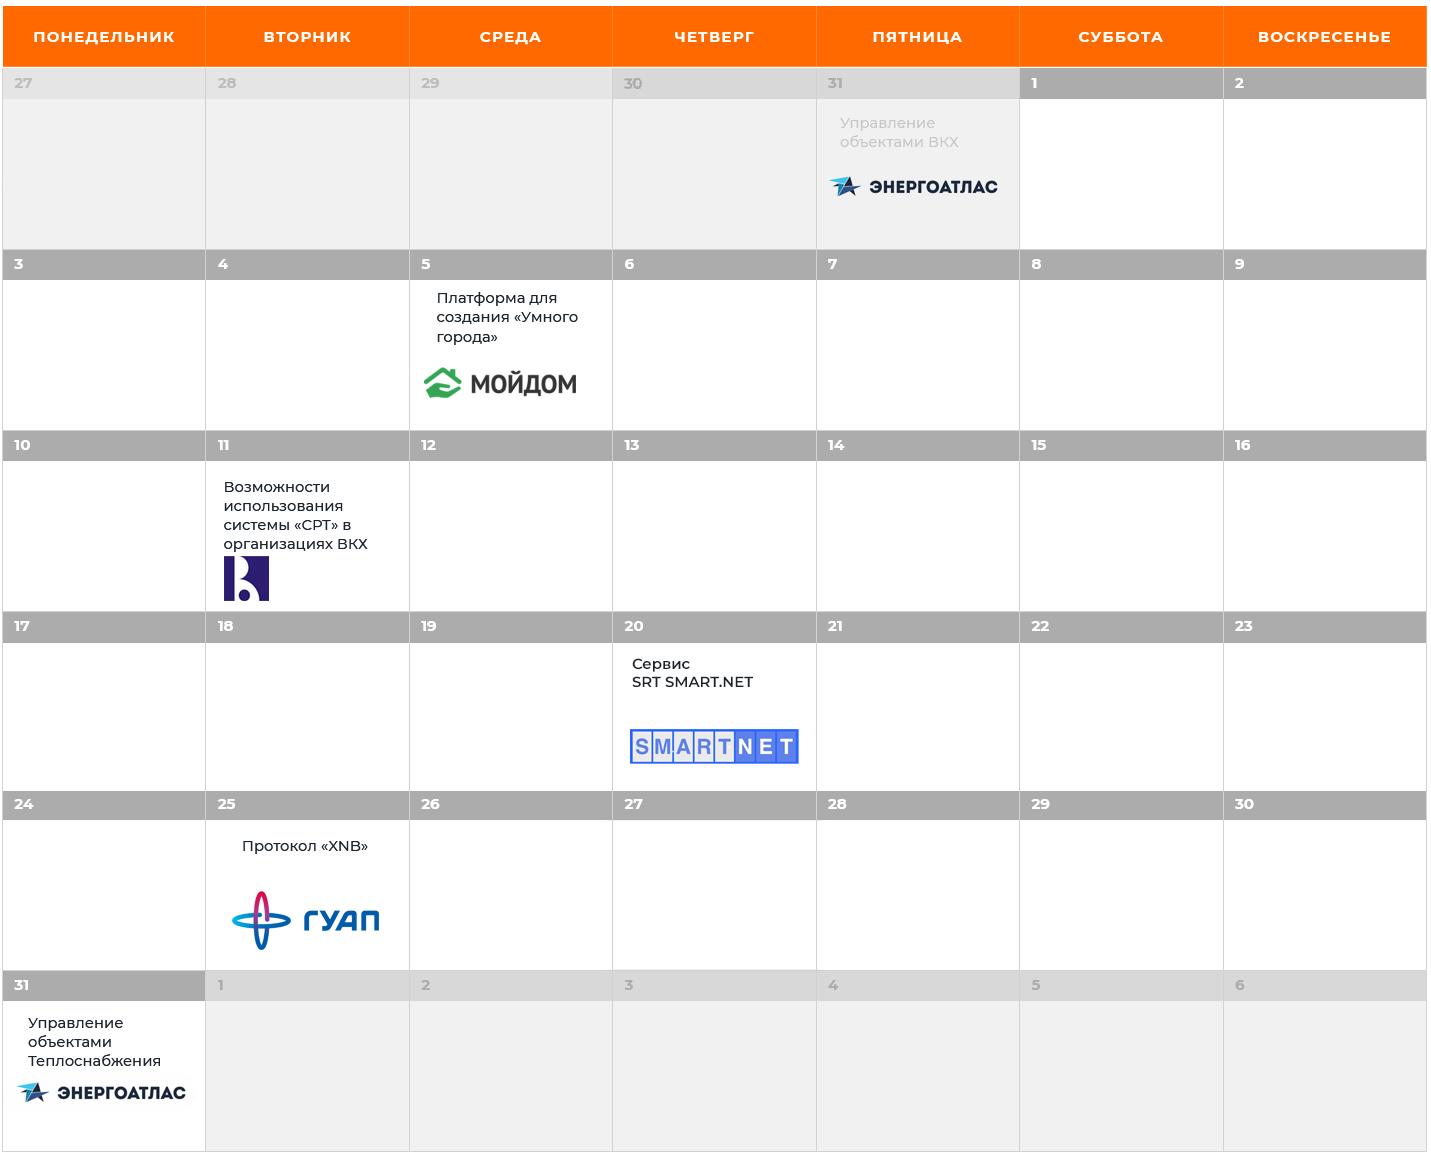 Календарь вебинаров СРТ 3